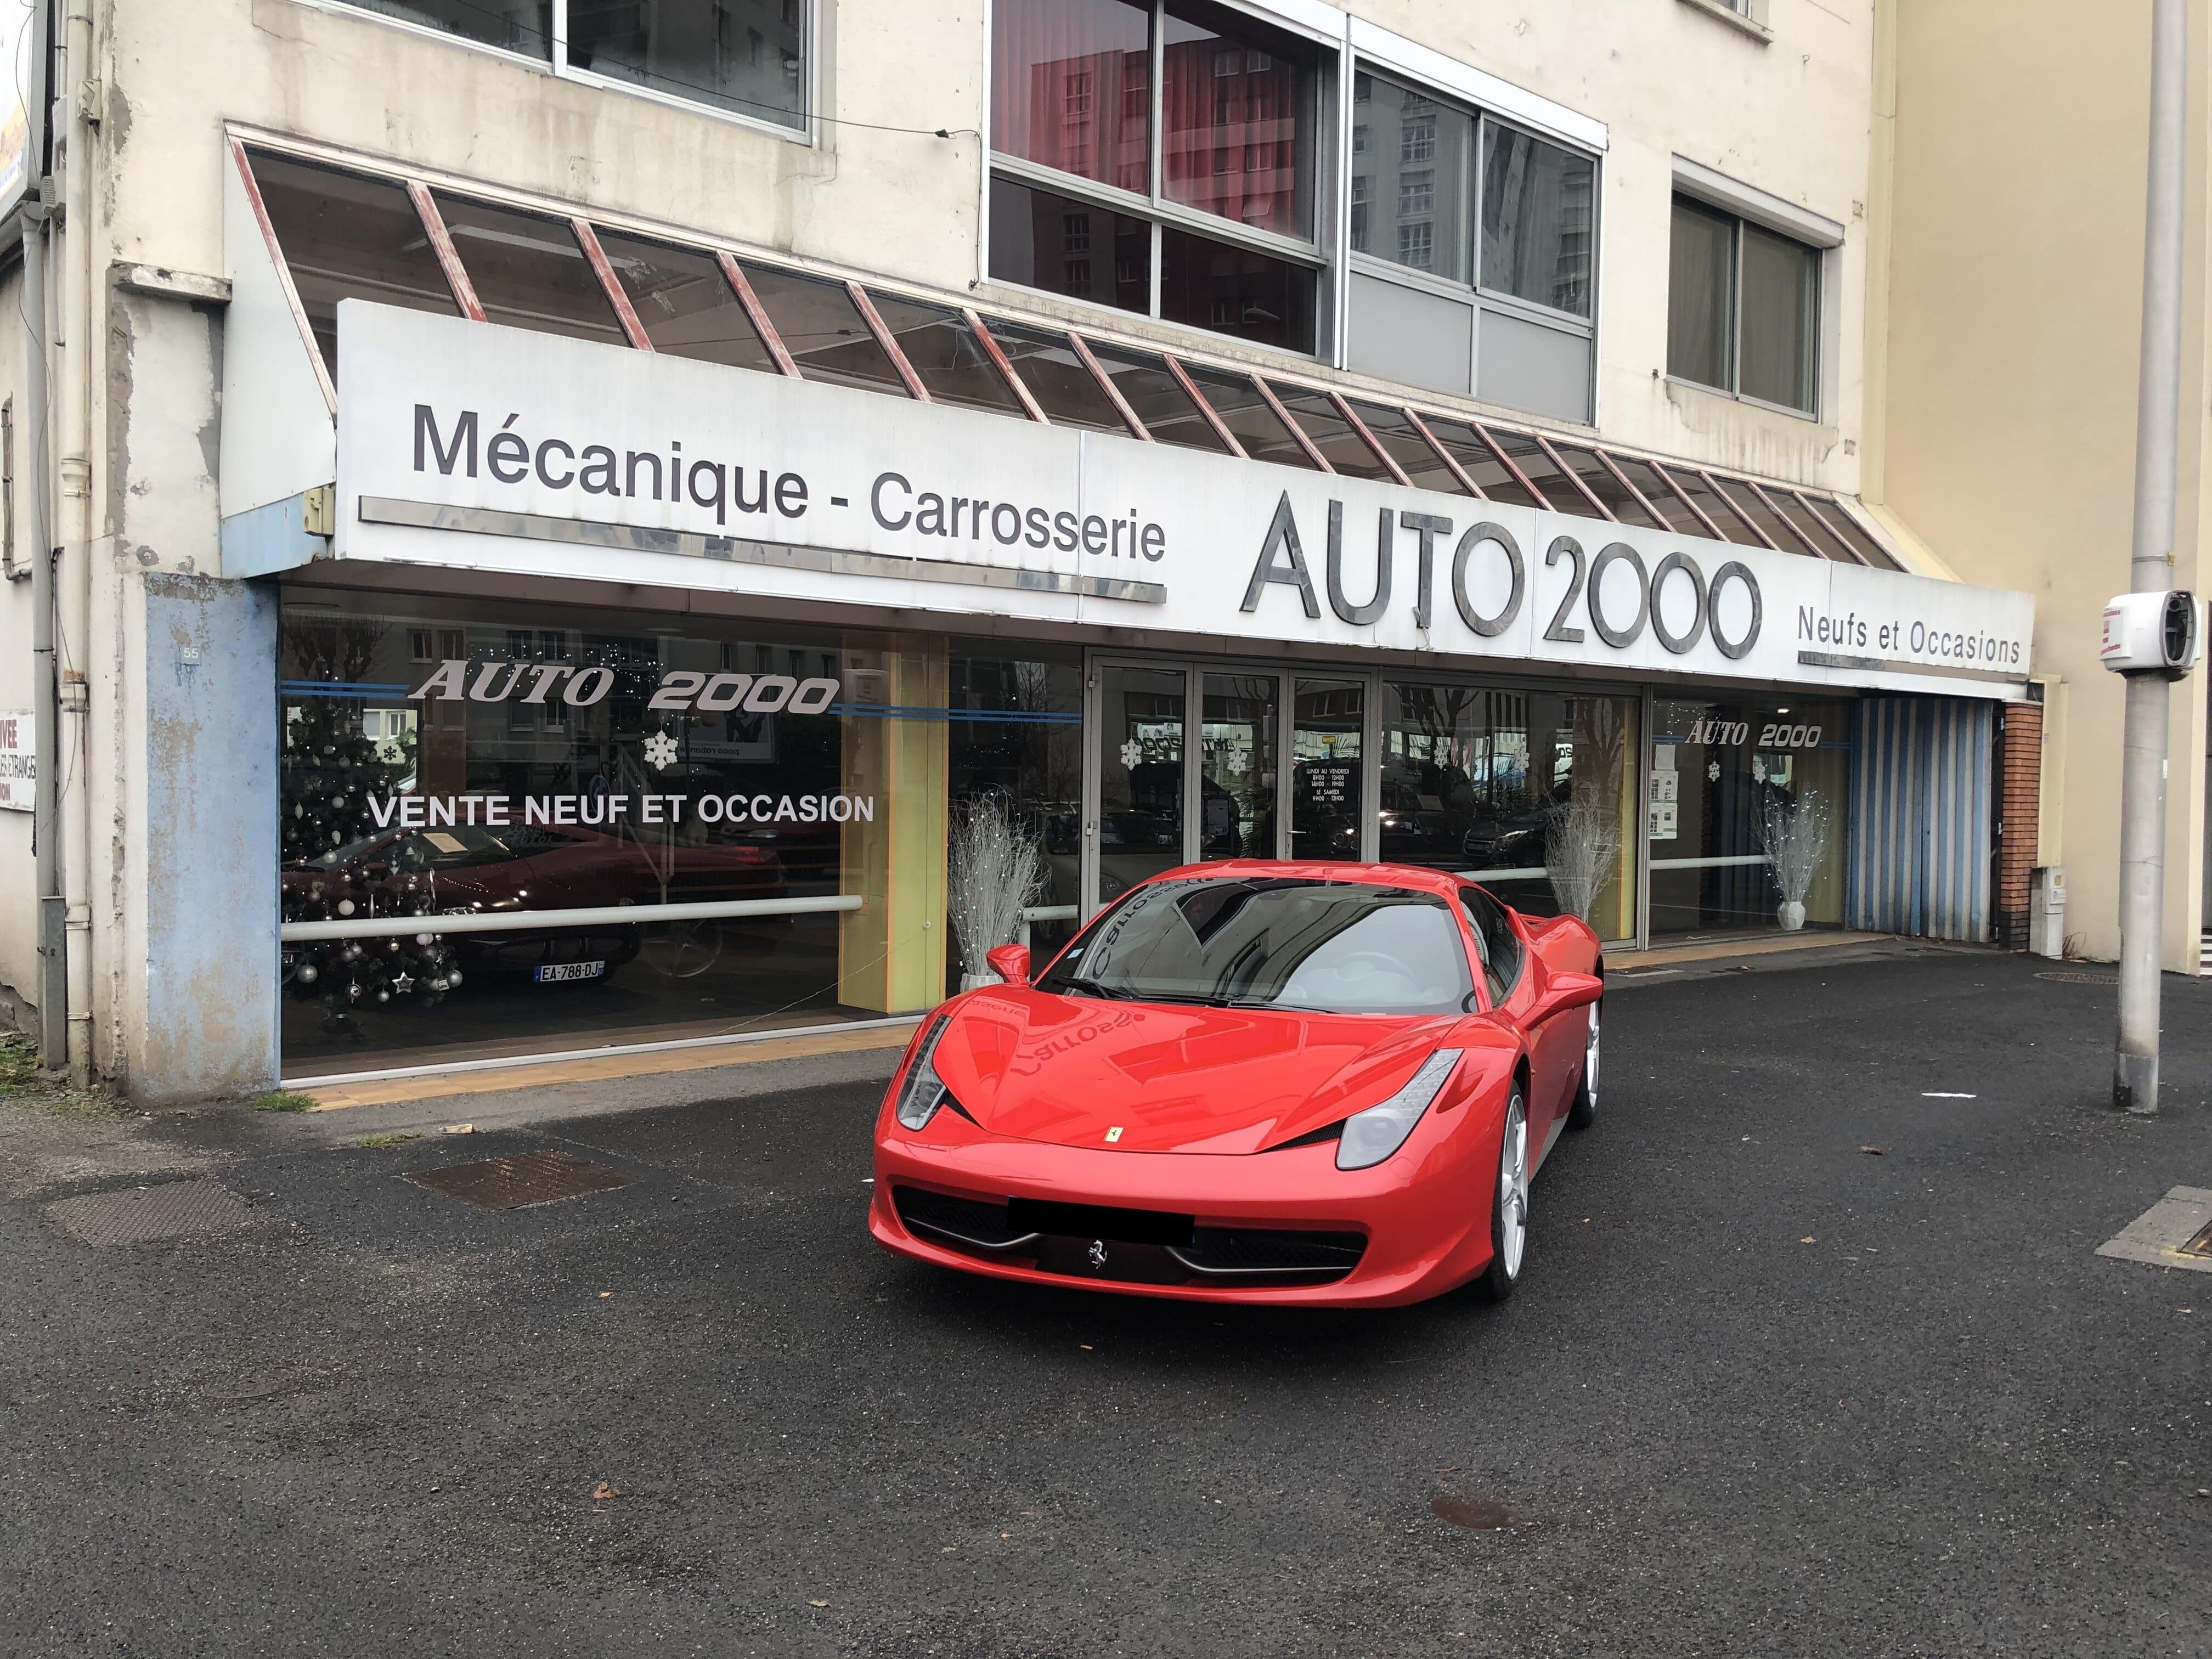 Auto 2000